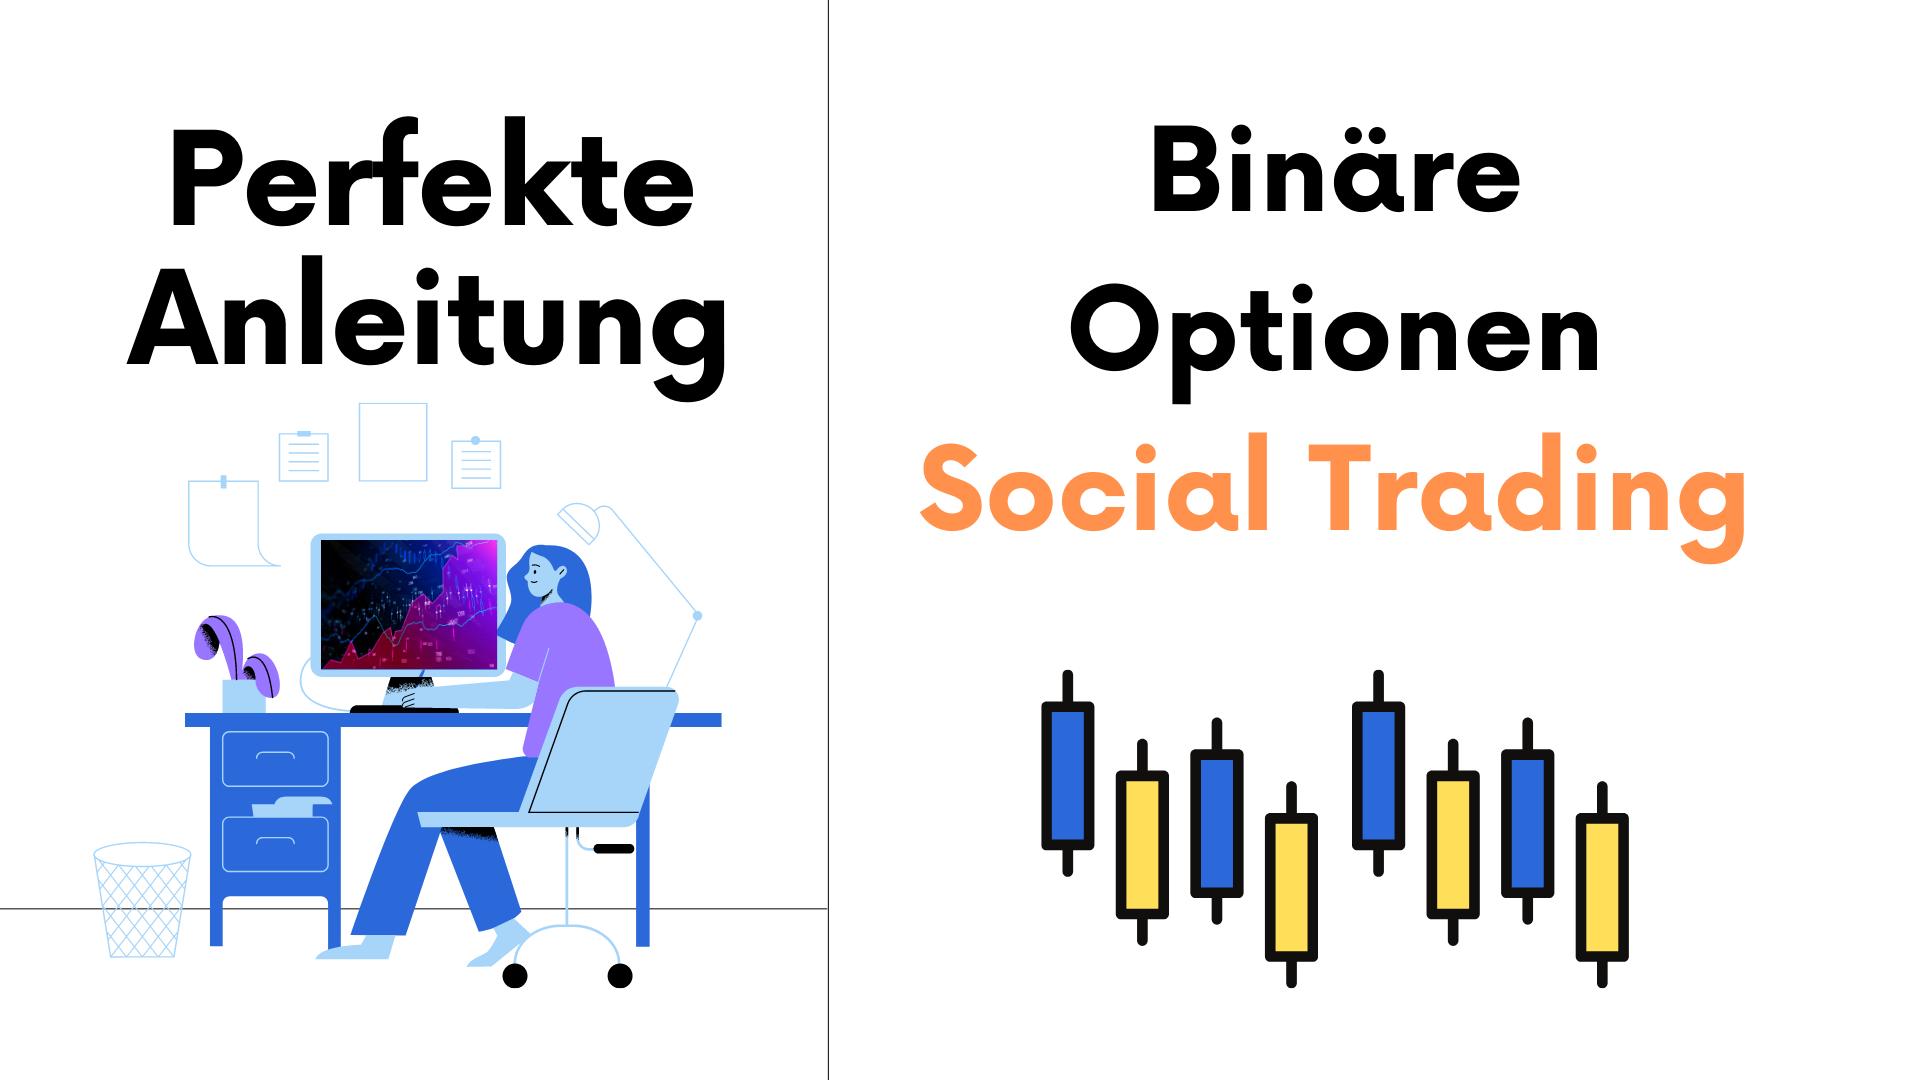 Binäre Optionen Social Trading